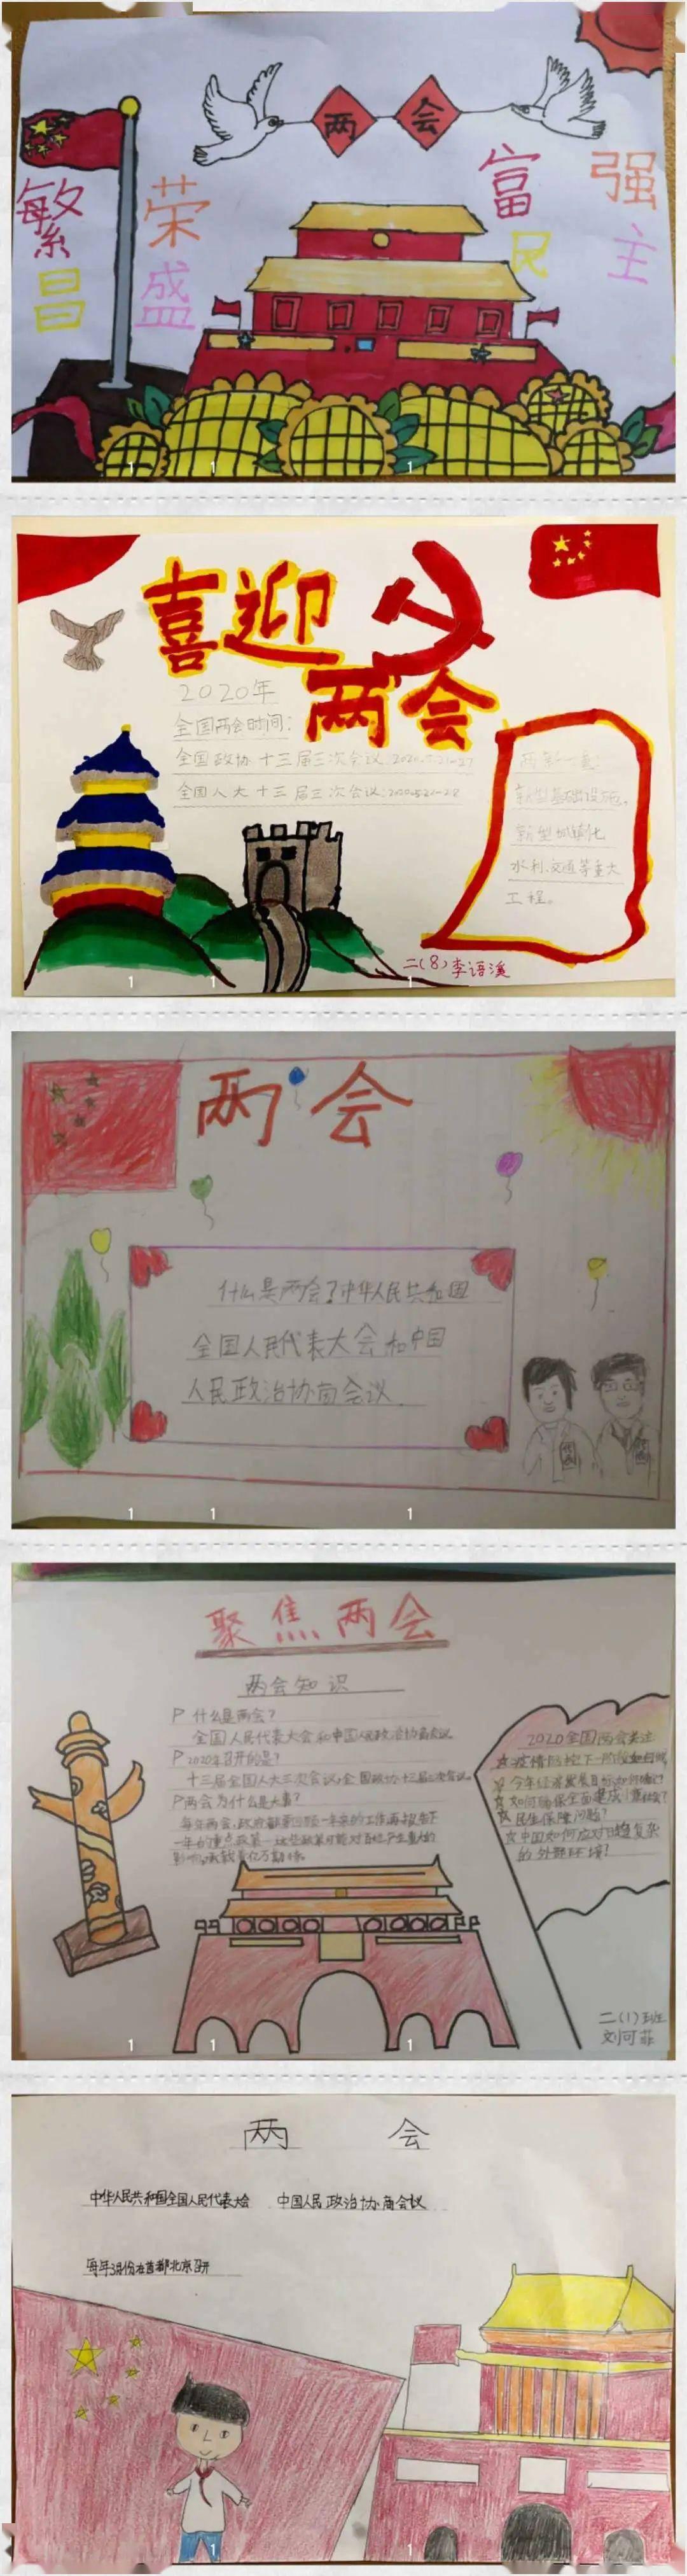 """对两会的感想_童心向党 喜迎两会——我校小学开展""""两会""""主题教育活动_中国"""